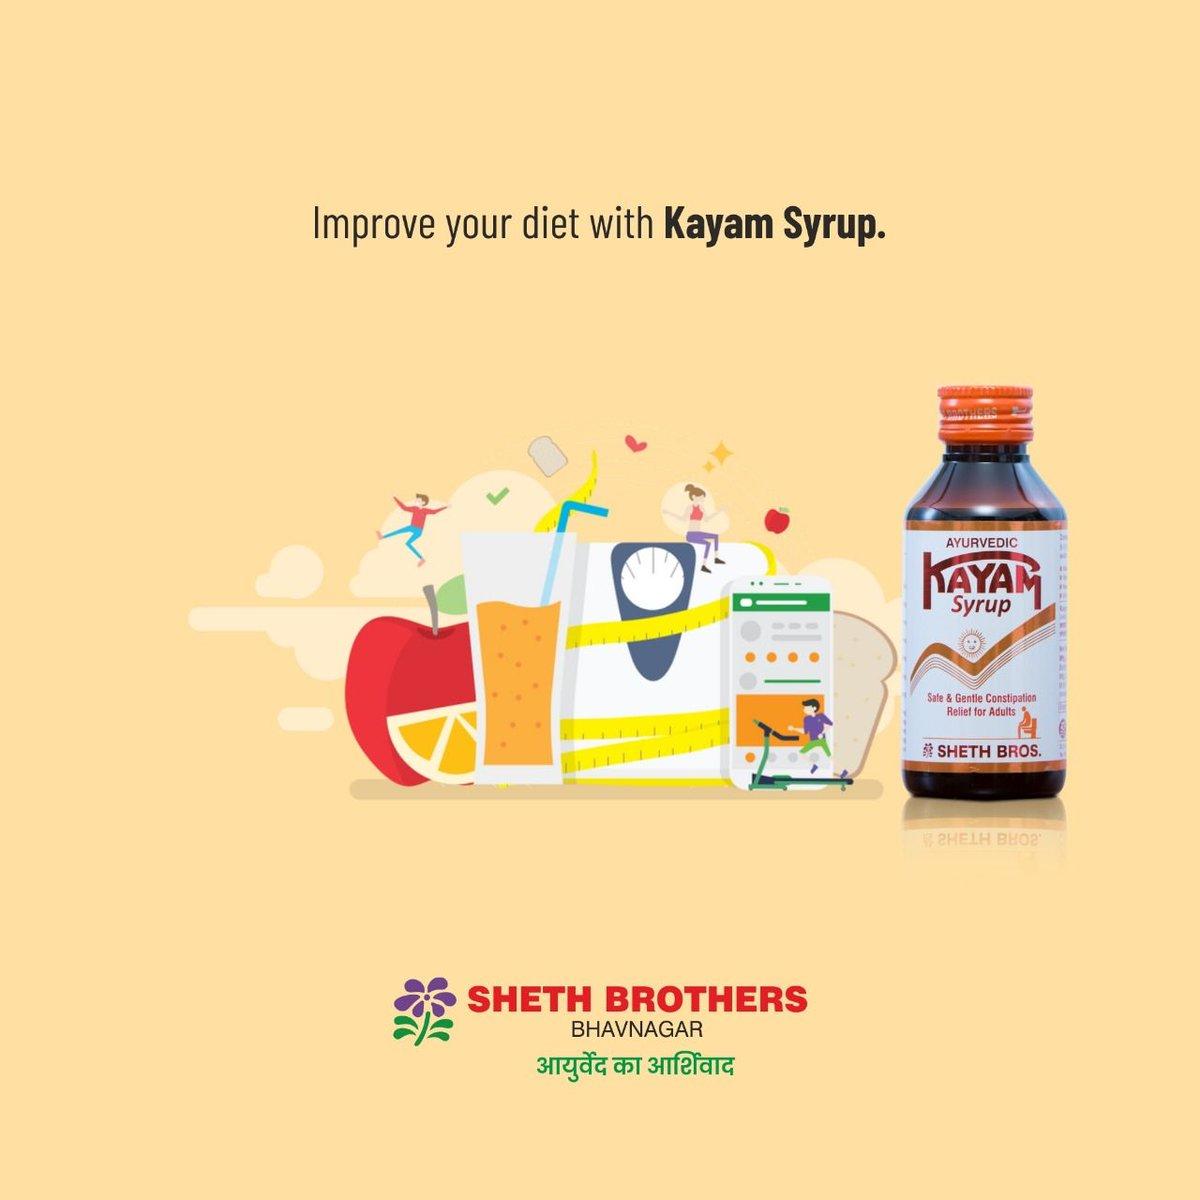 Avainsana #kayamchurna Twitterissä